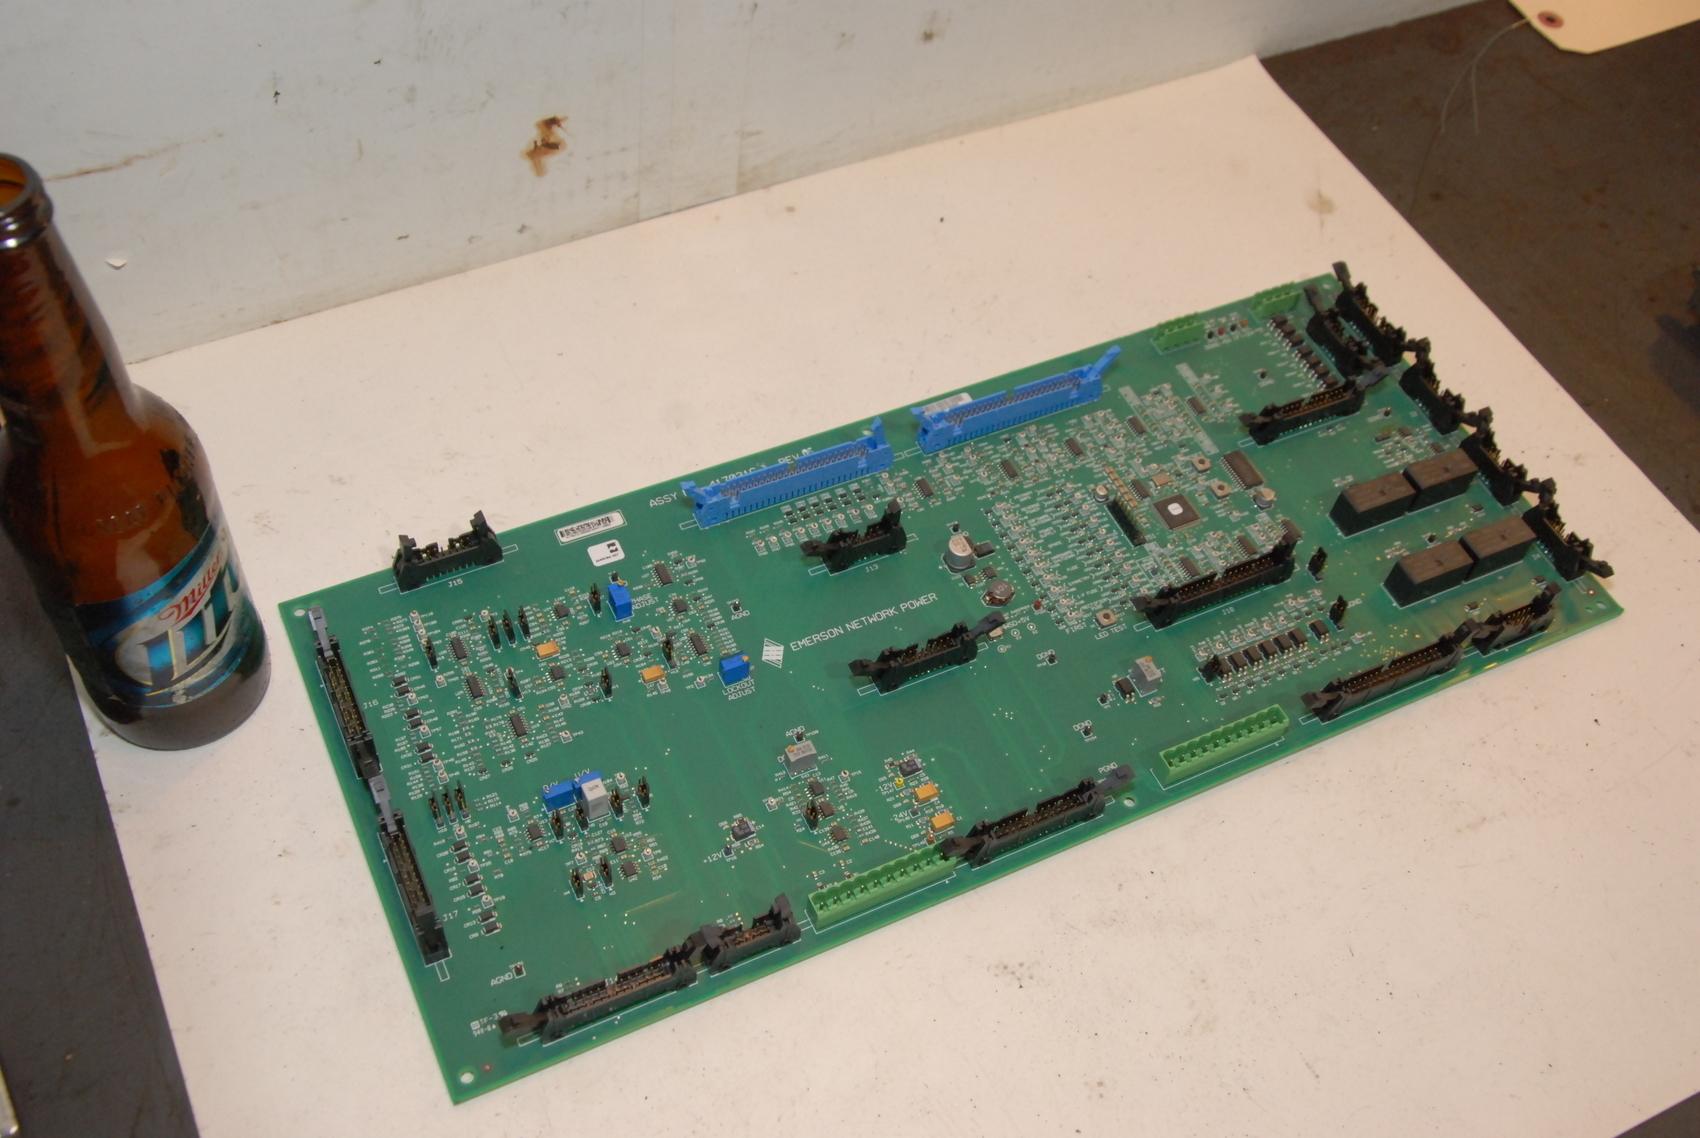 Emerson Network Power Liebert 417031G1 REV 05